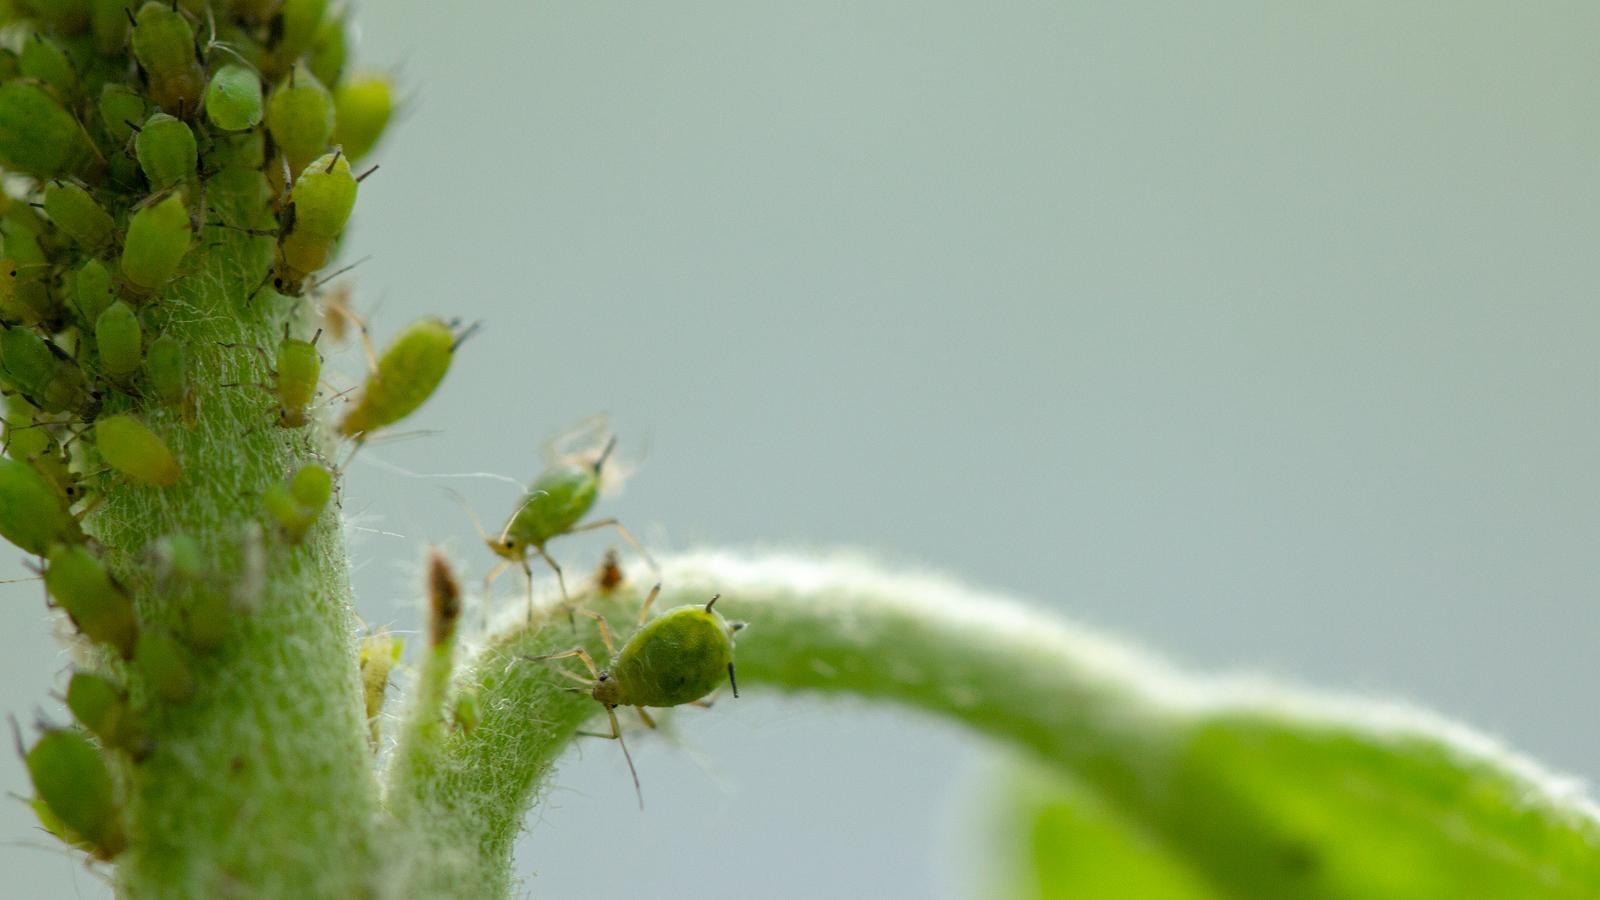 Pulgões: além de verde, esses insetos podem ser de cor amarela, preta ou marrom. Foto: Bigstock